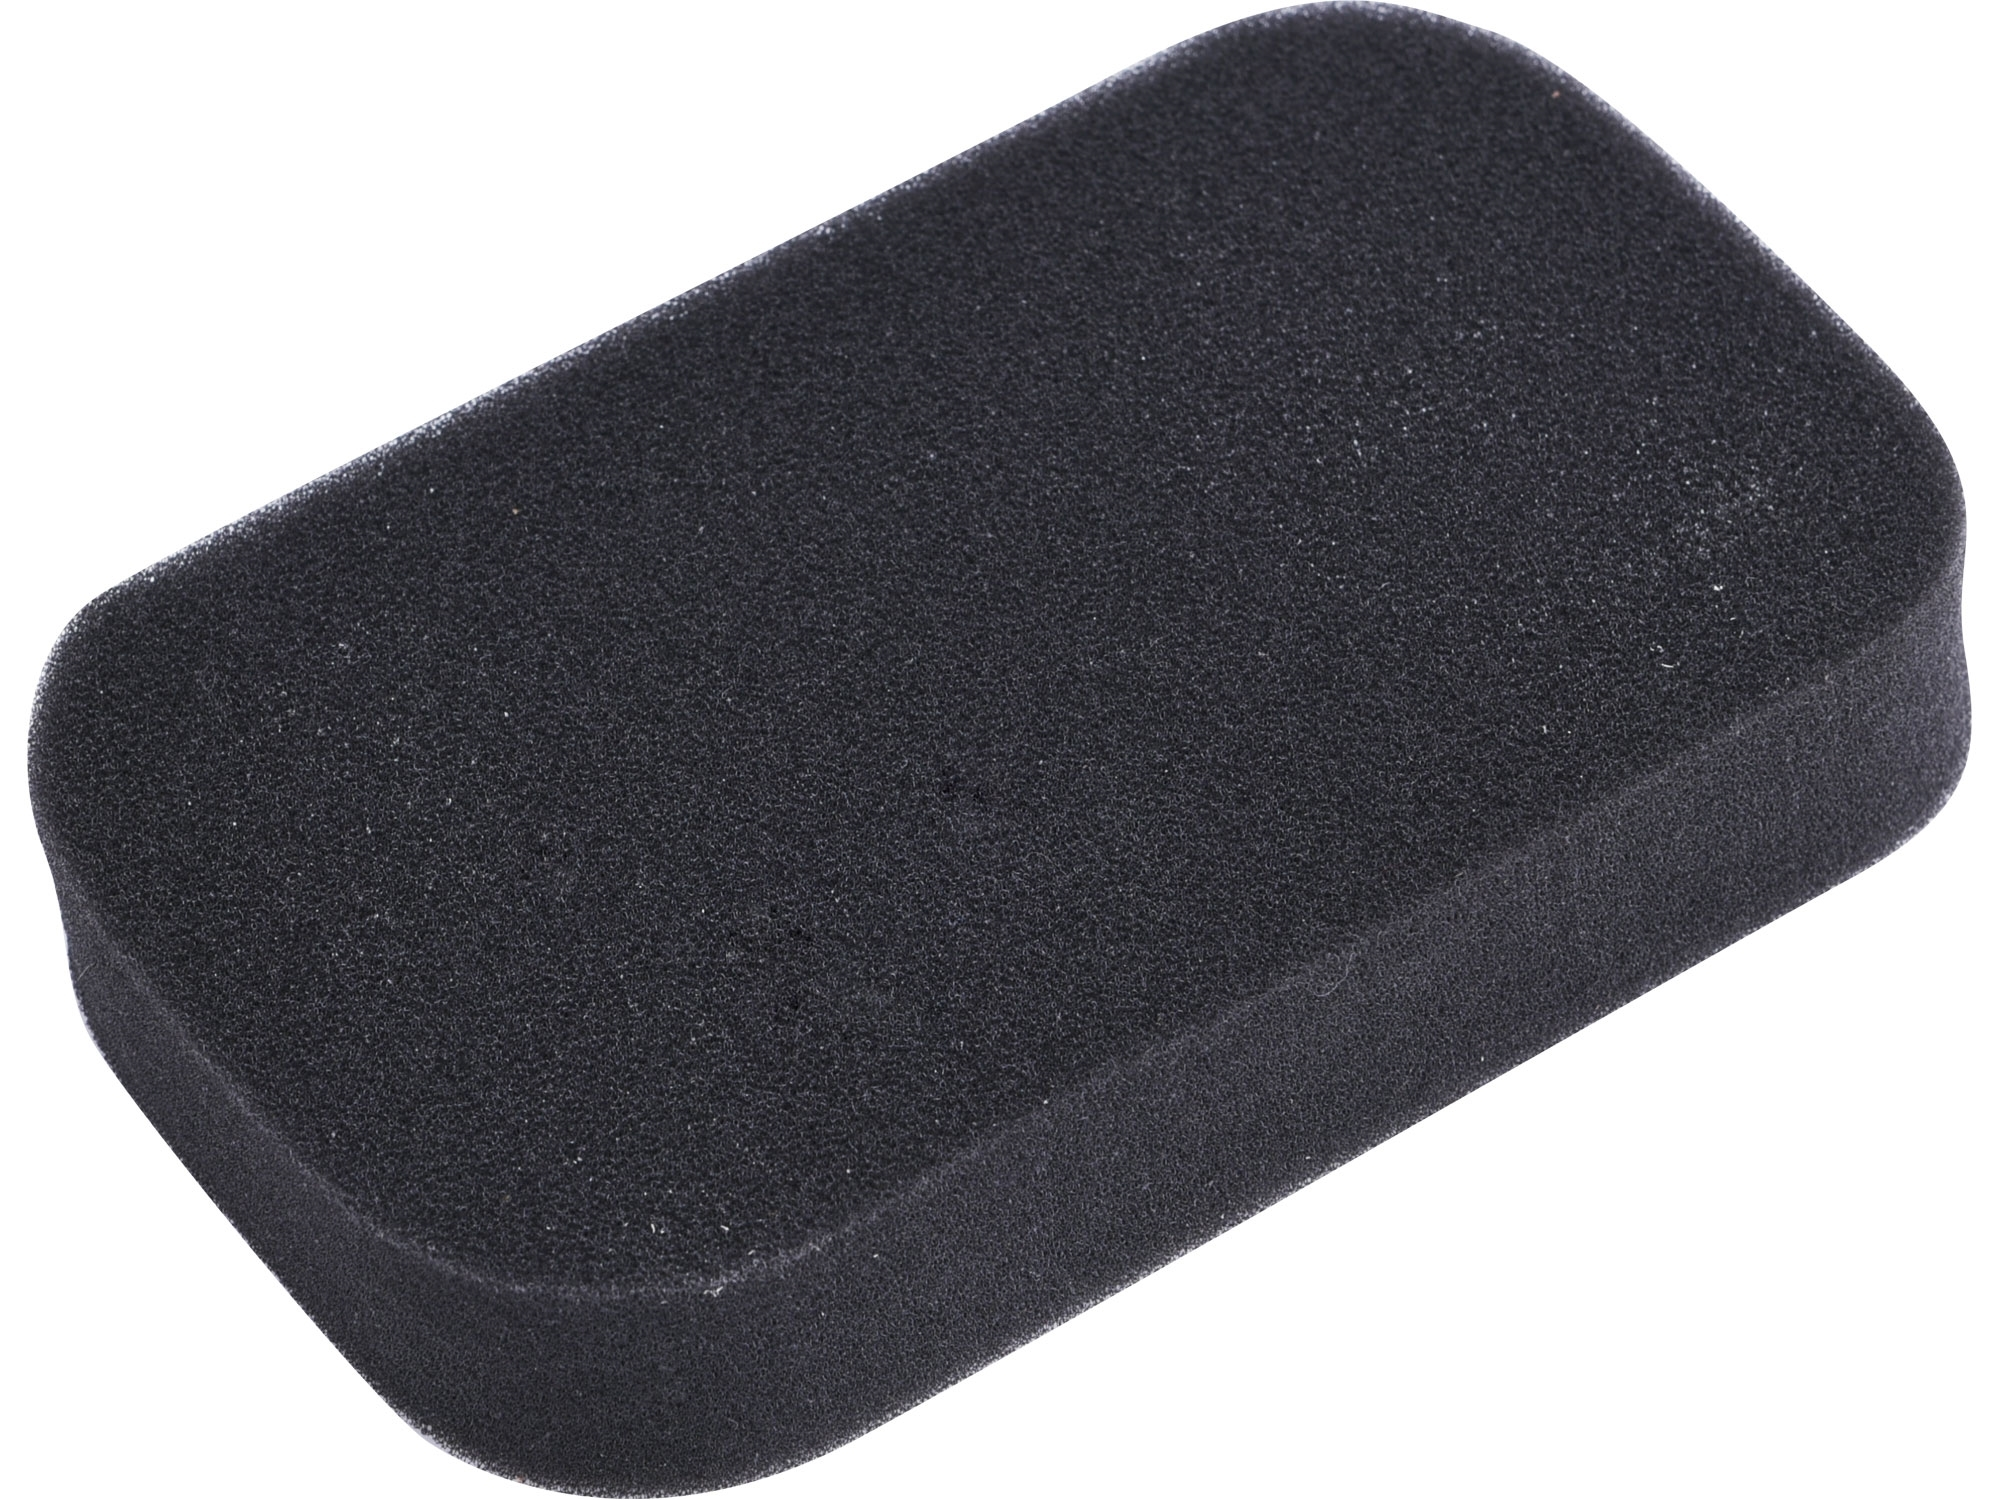 filtr vzduchový, 151 x 107 x 24mm, pěna